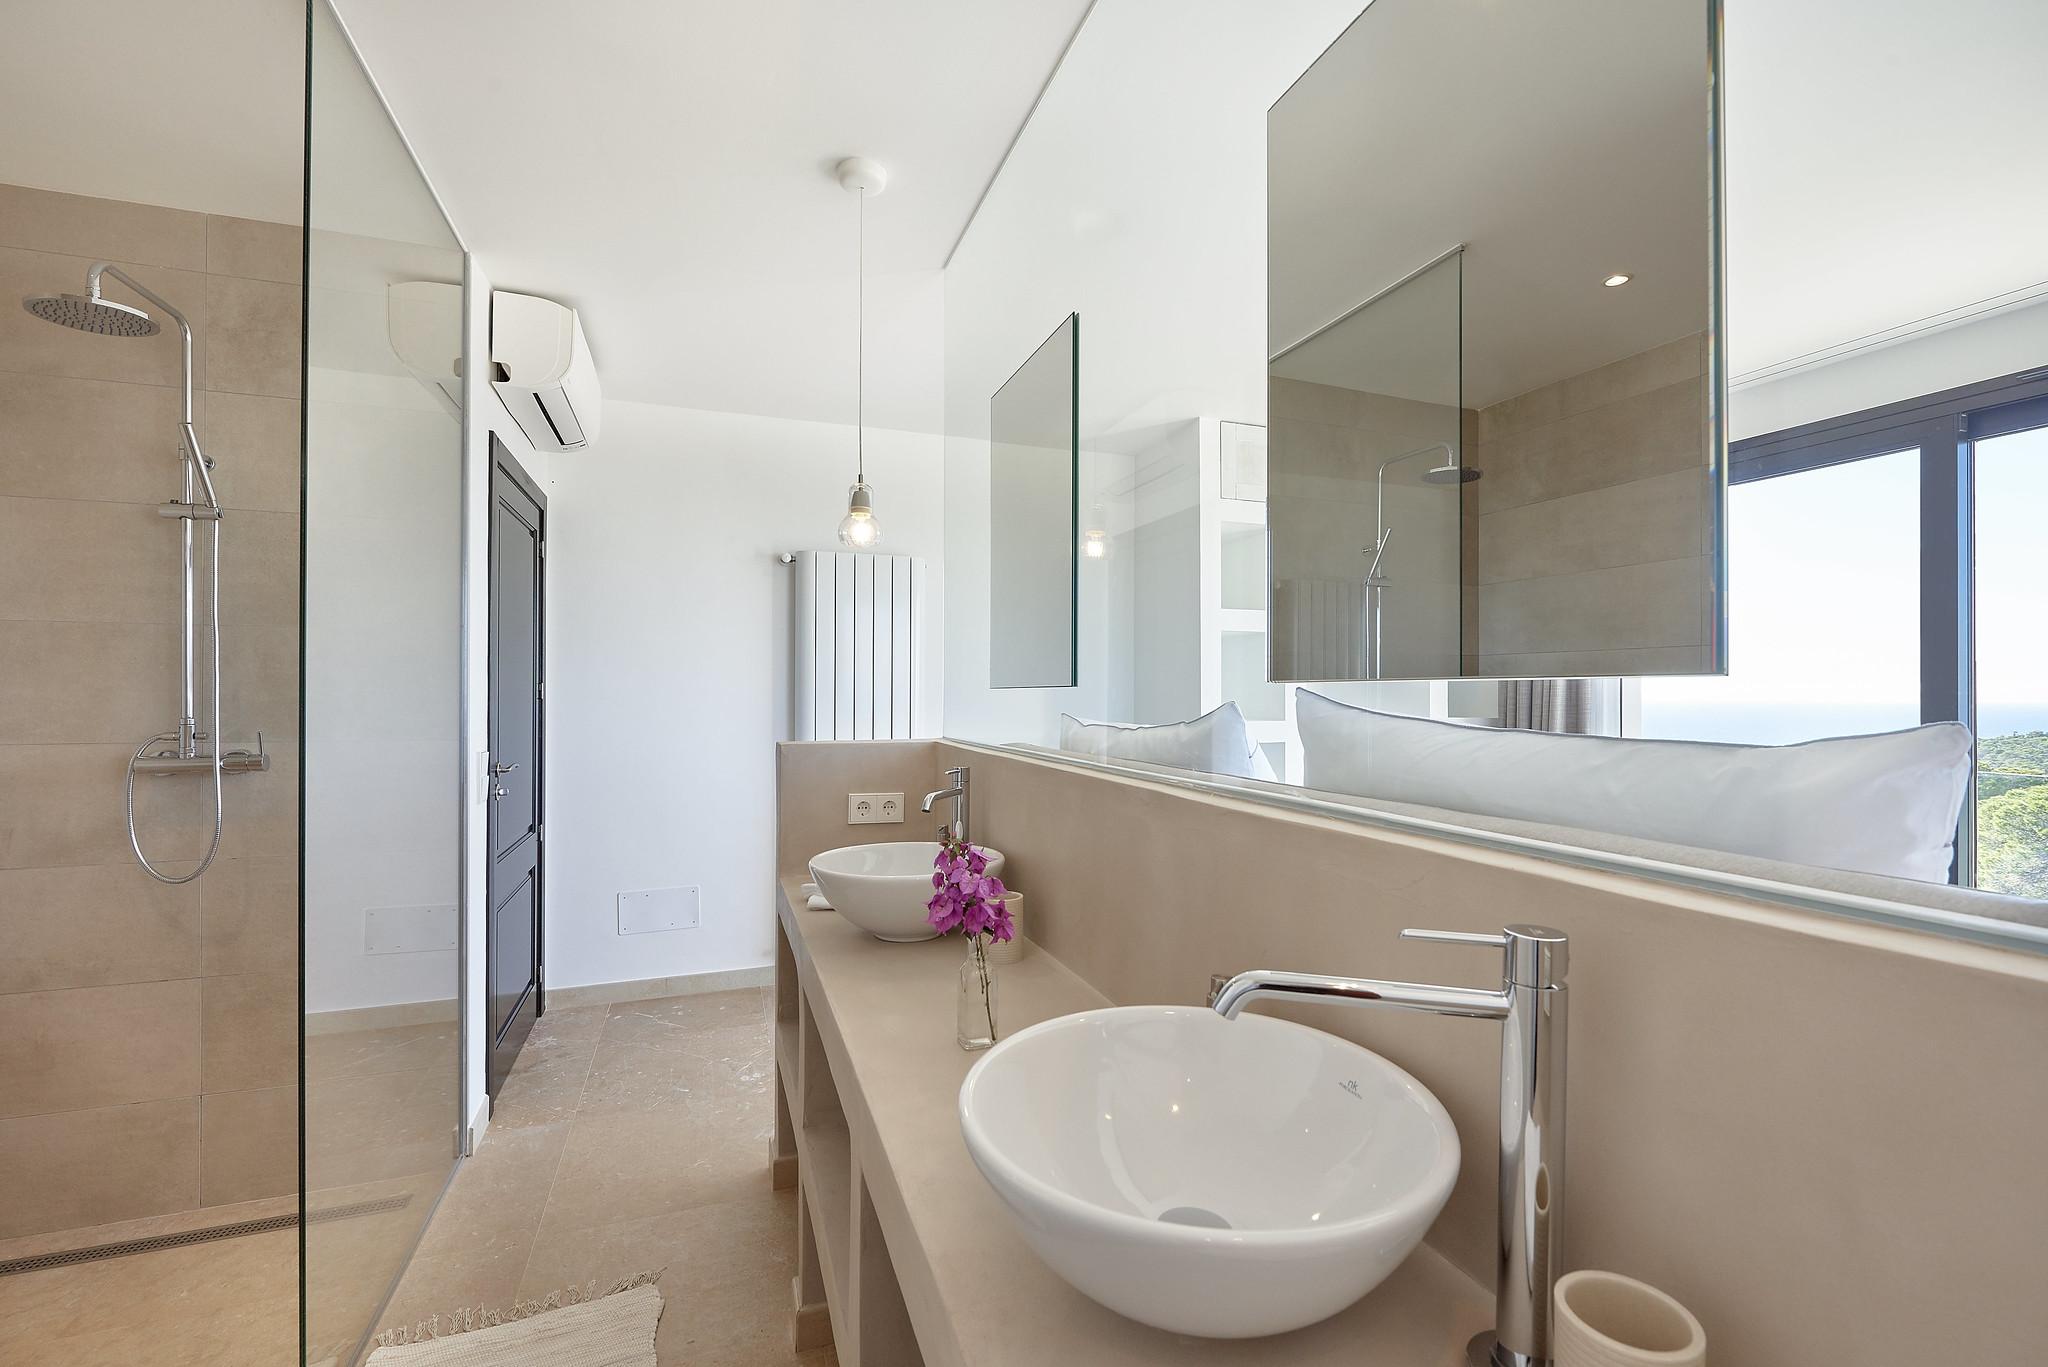 https://www.white-ibiza.com/wp-content/uploads/2020/06/white-ibiza-villas-sa-serra-interior-bathroom2.jpg